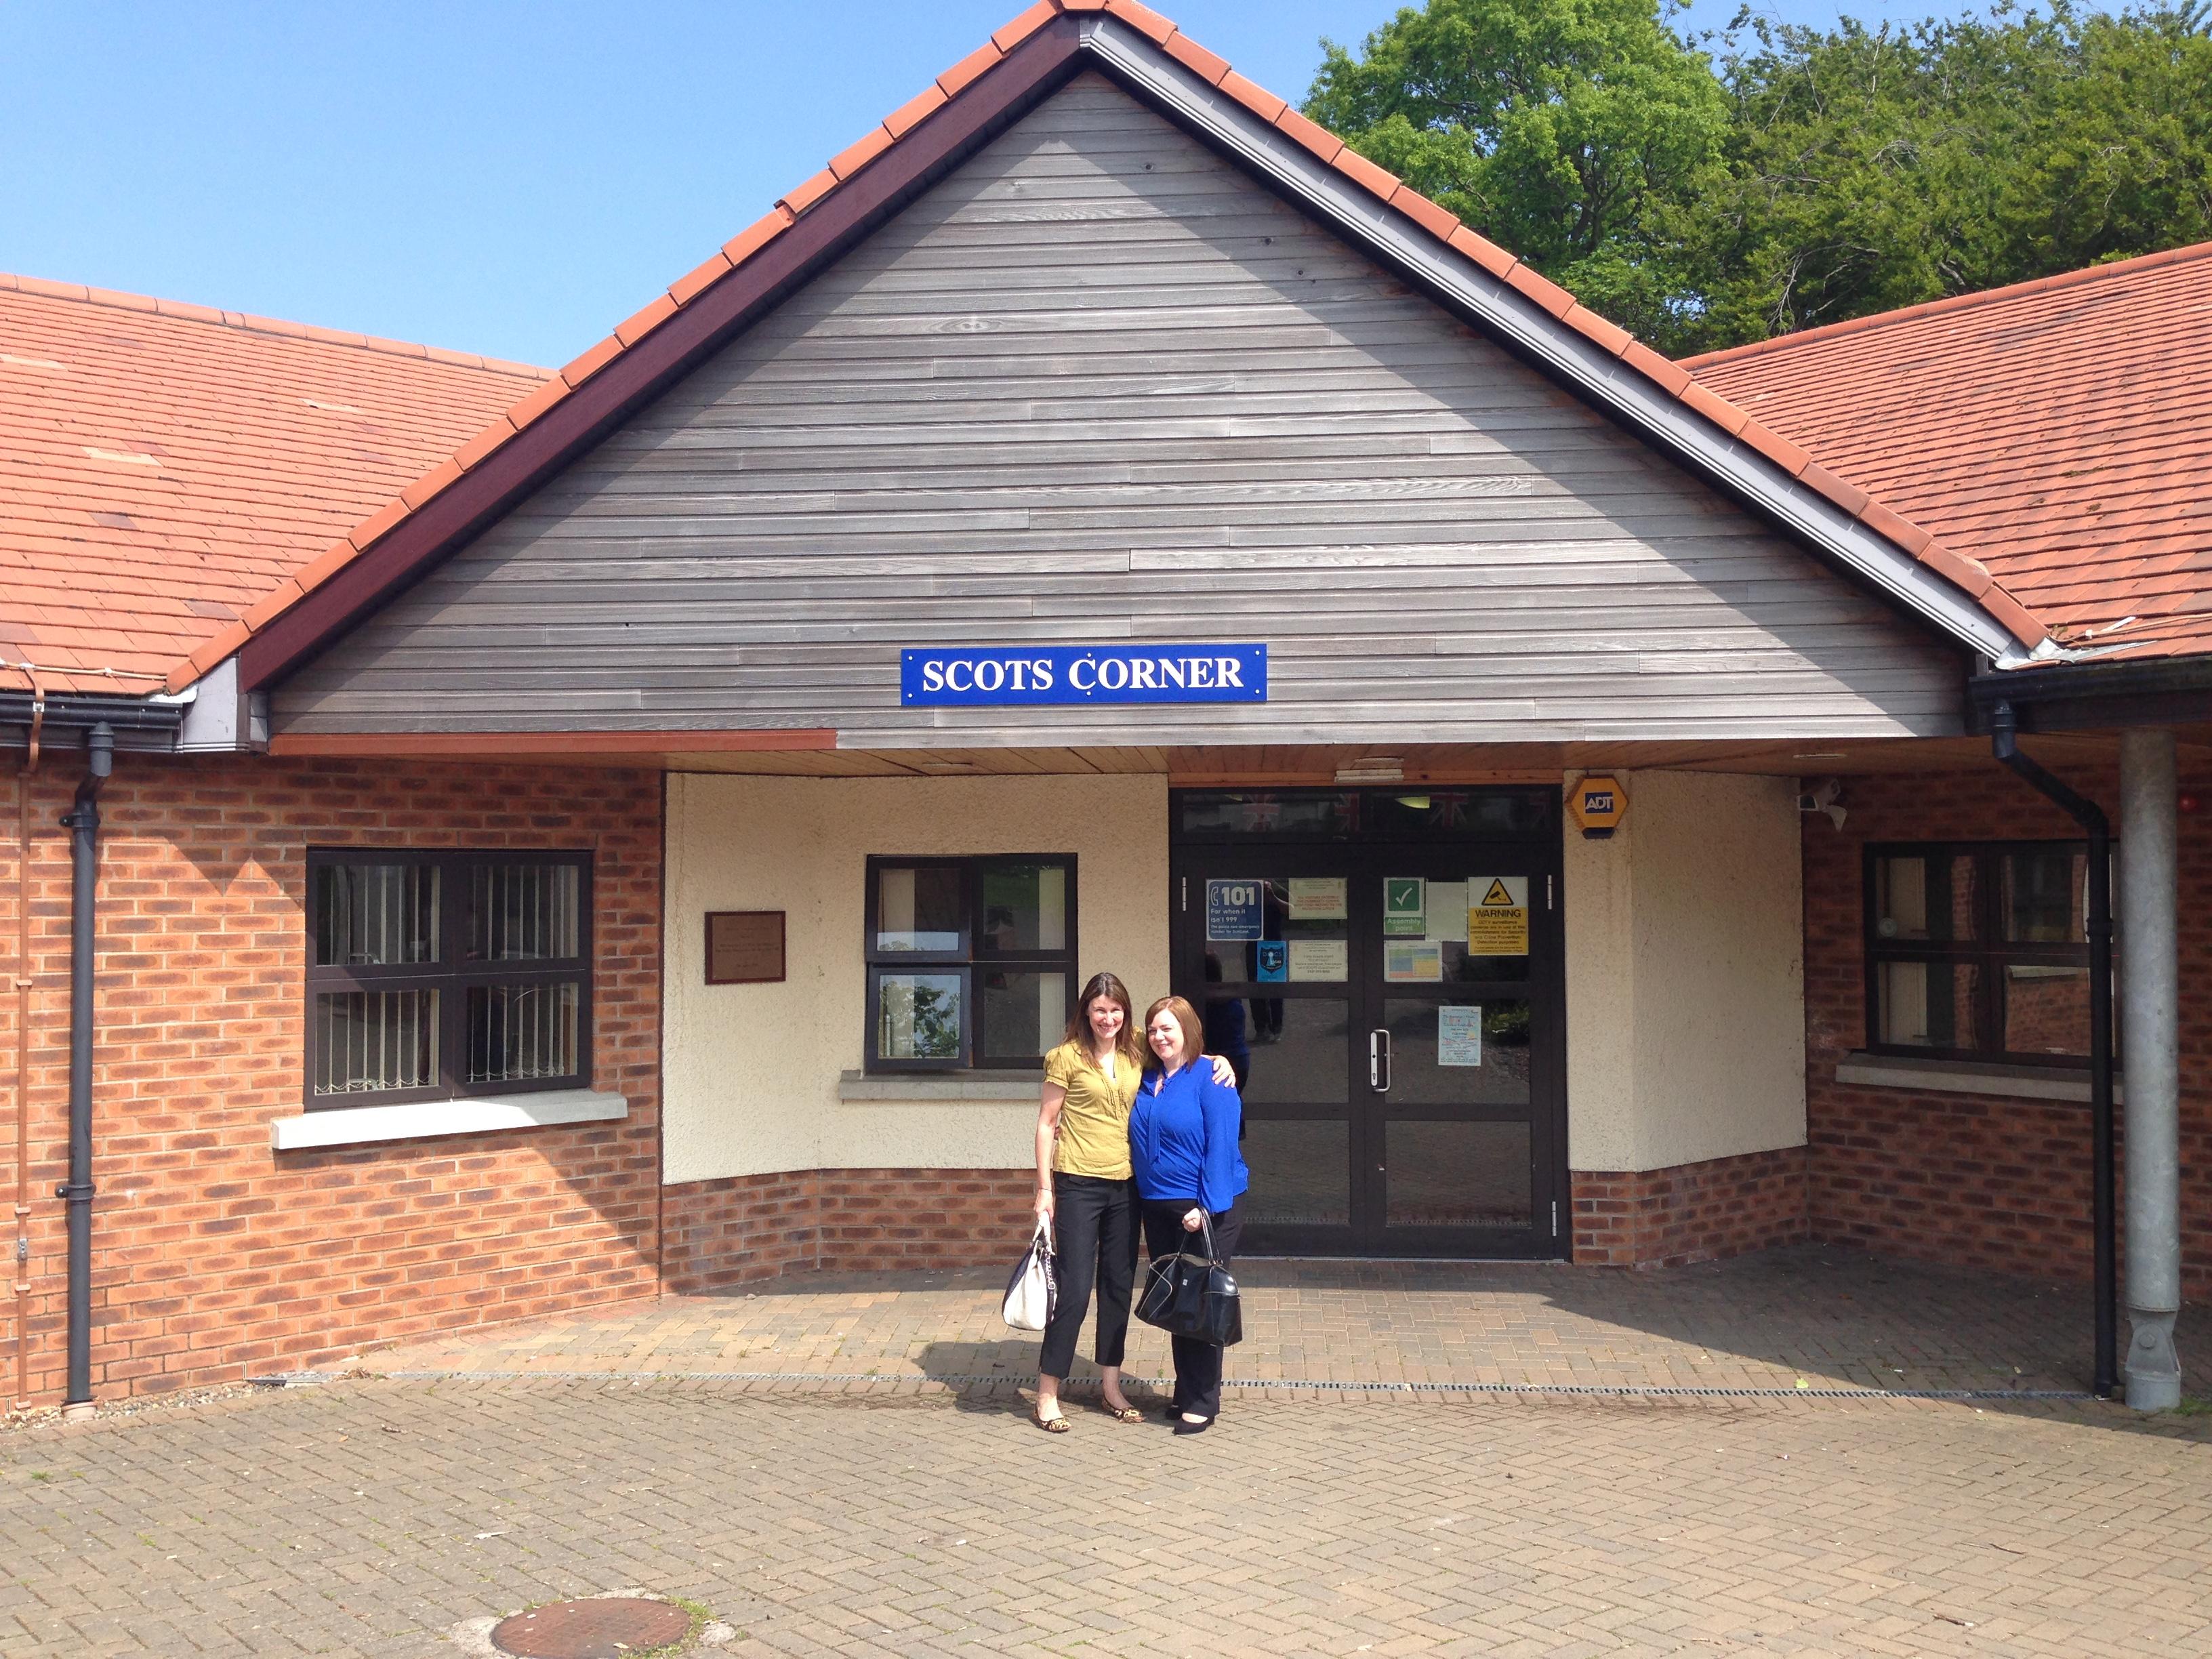 Carrie & Jen visit Scots Corner